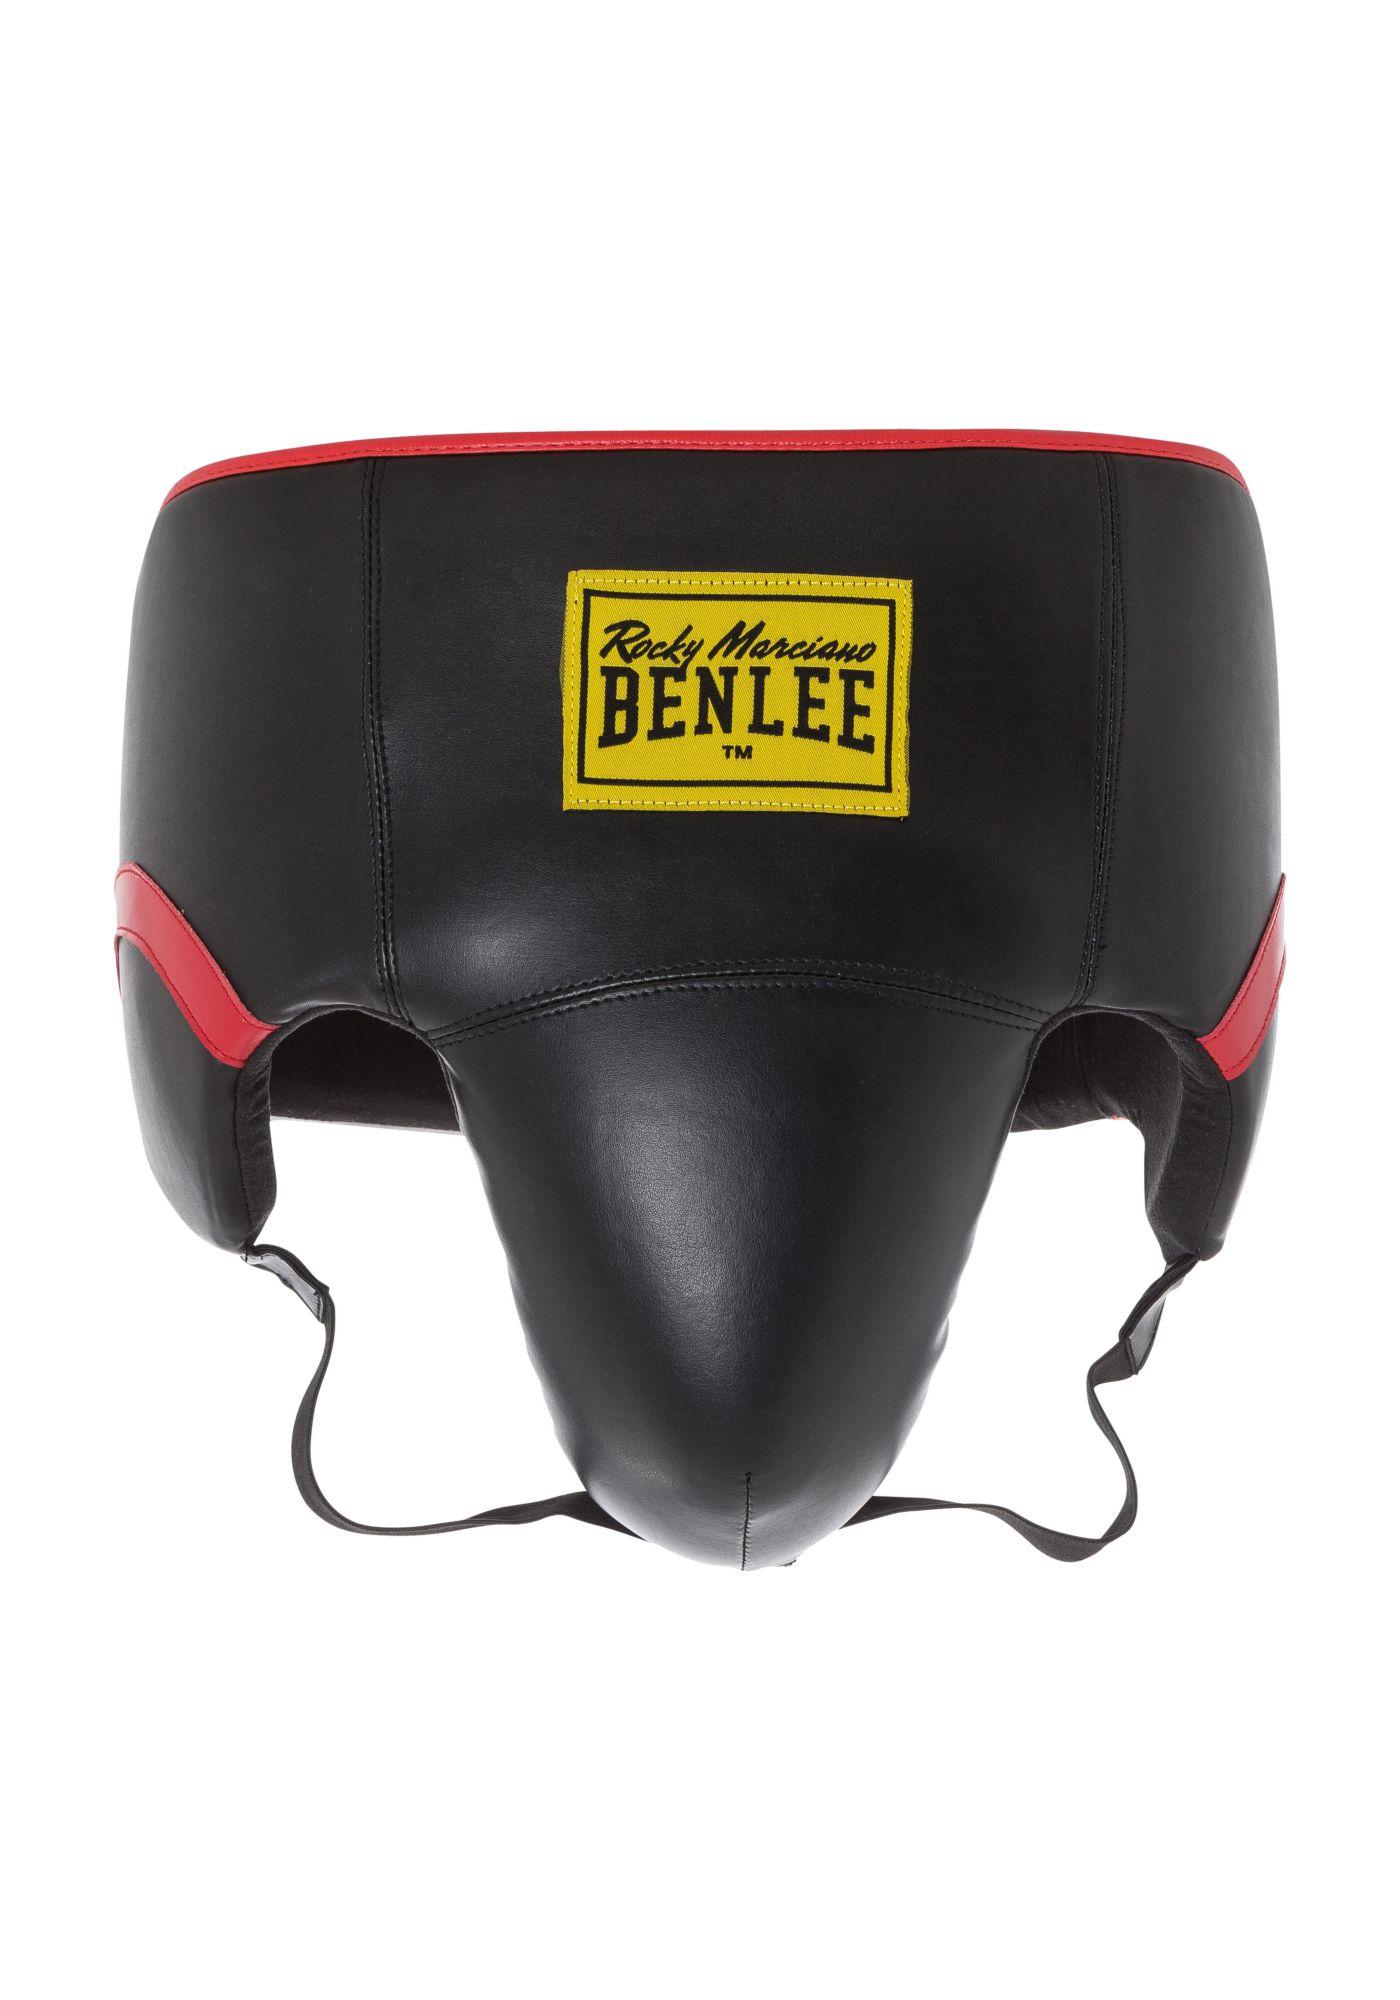 BENLEE ROCKY MARCIANO Benlee Rocky Marciano Tiefschutz »BARLETTA«